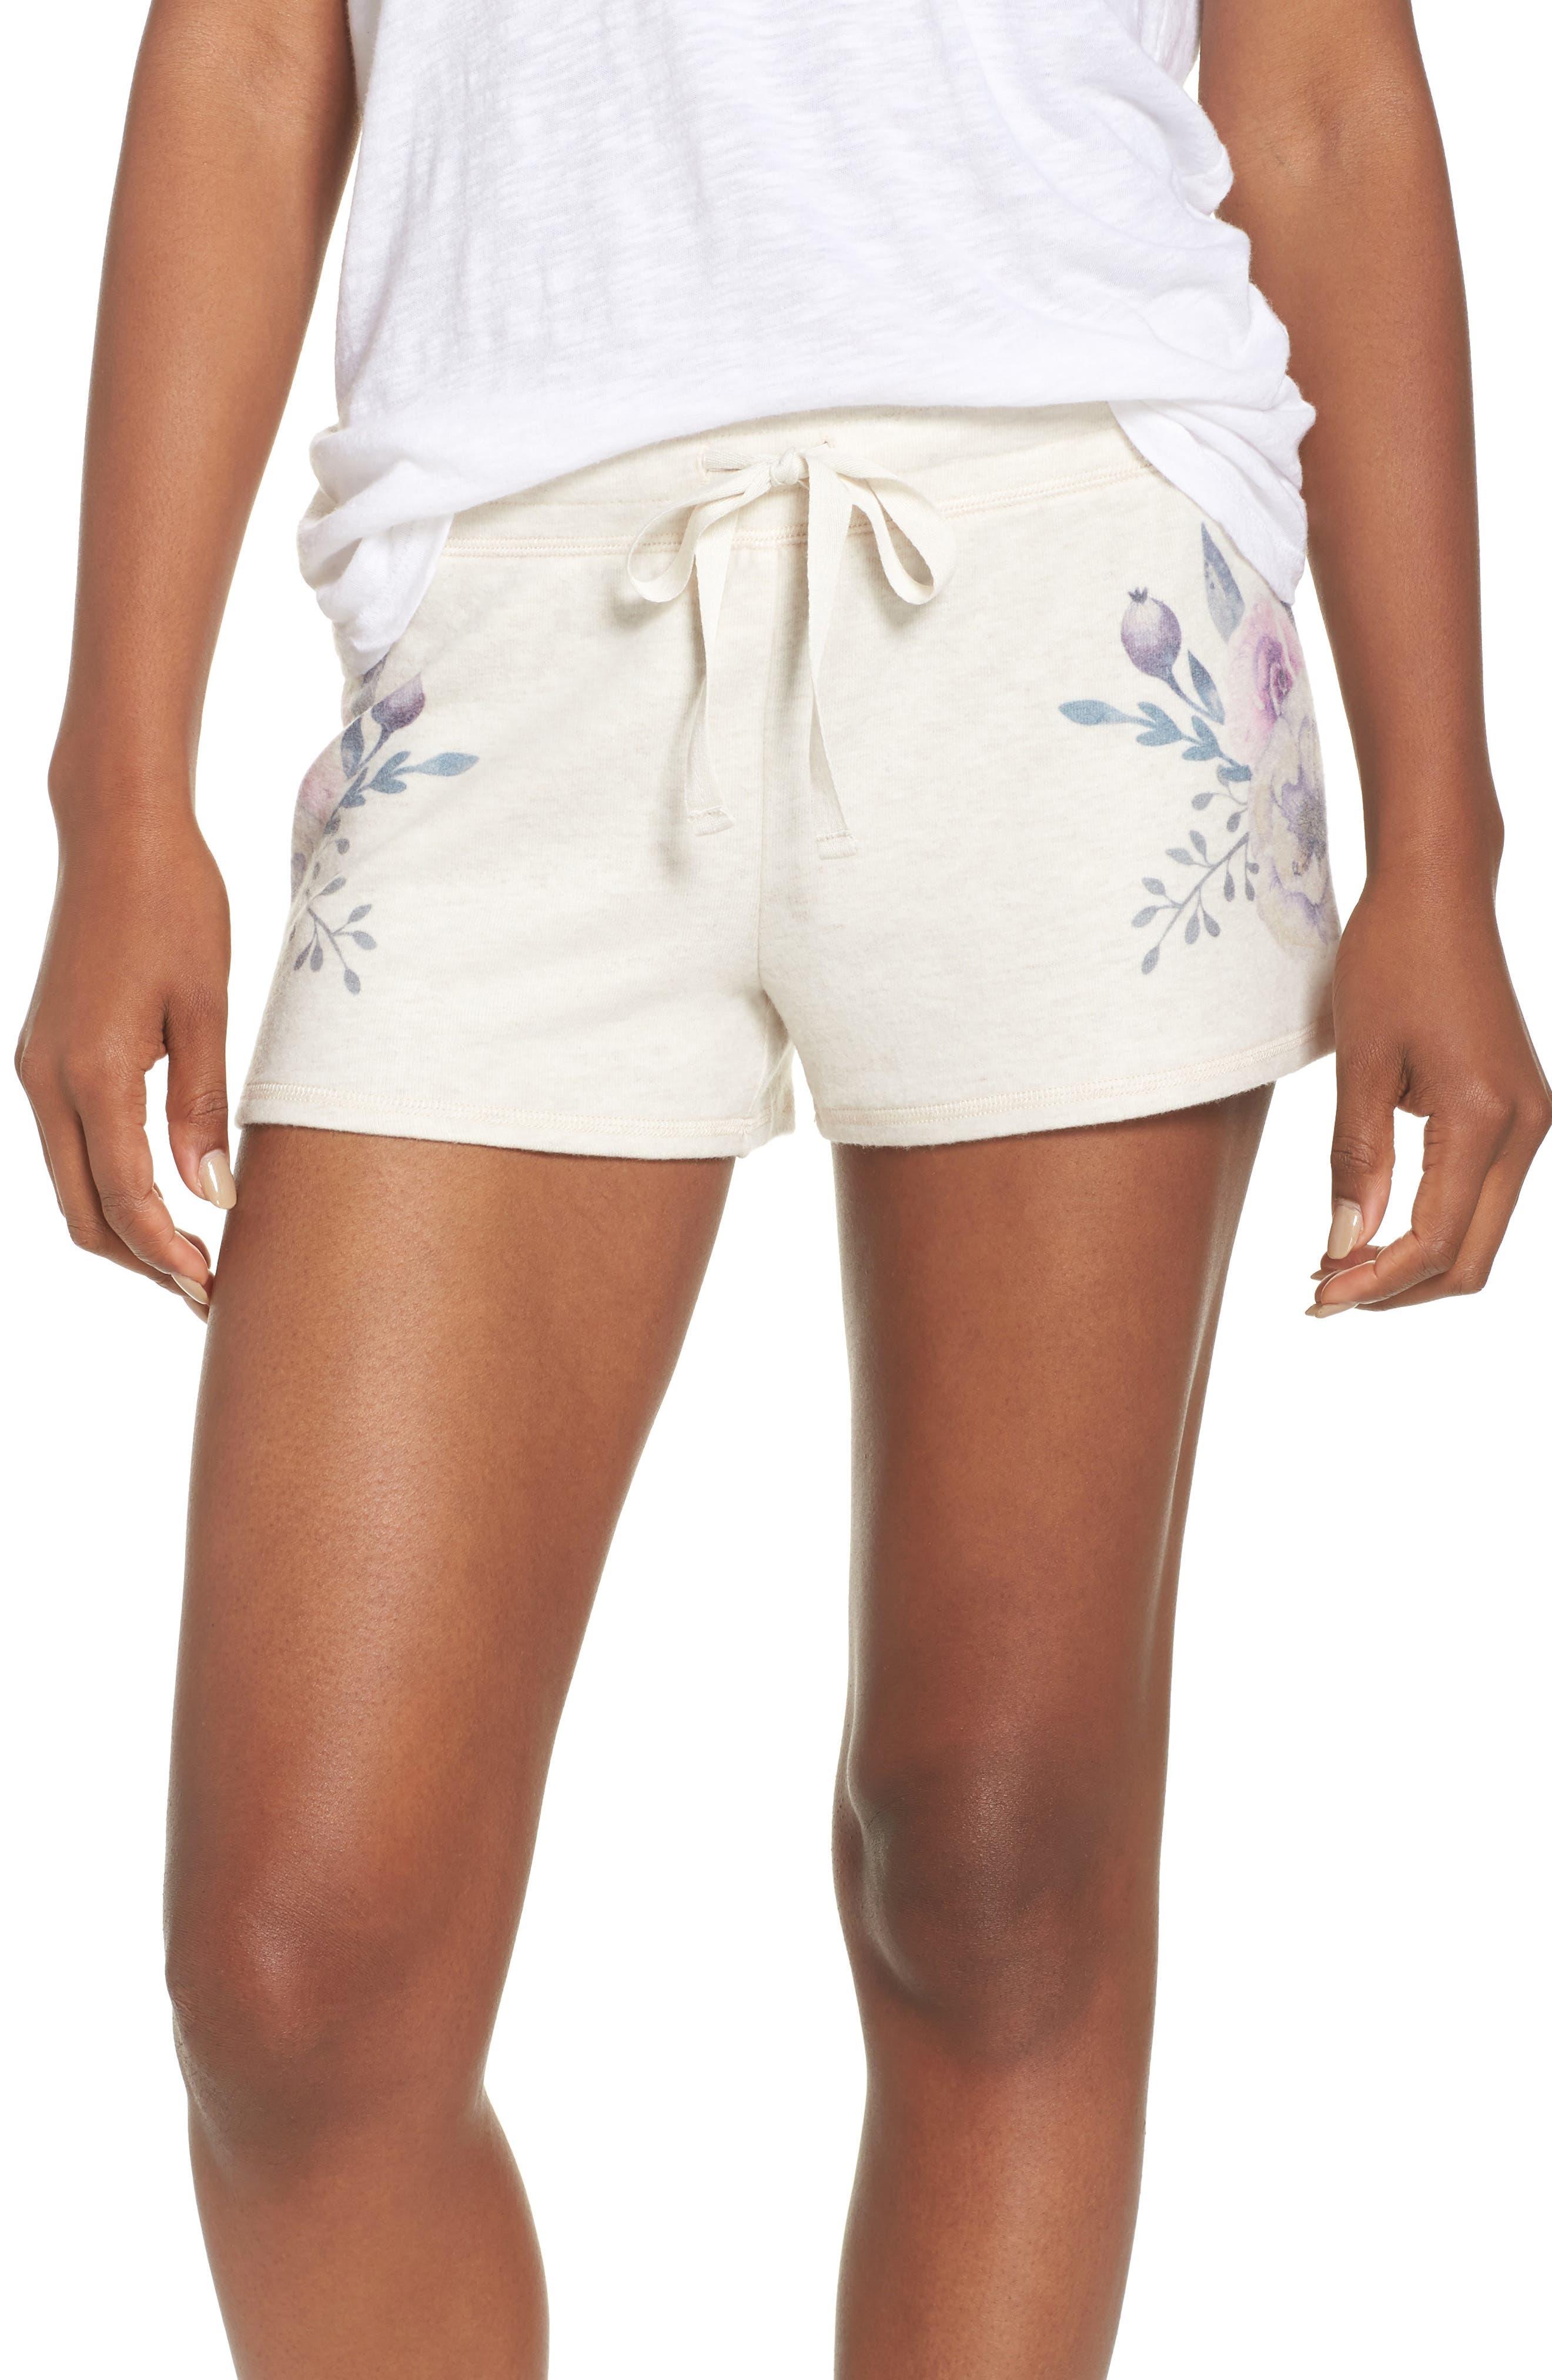 Peachy Floral Pajama Shorts,                             Main thumbnail 1, color,                             900